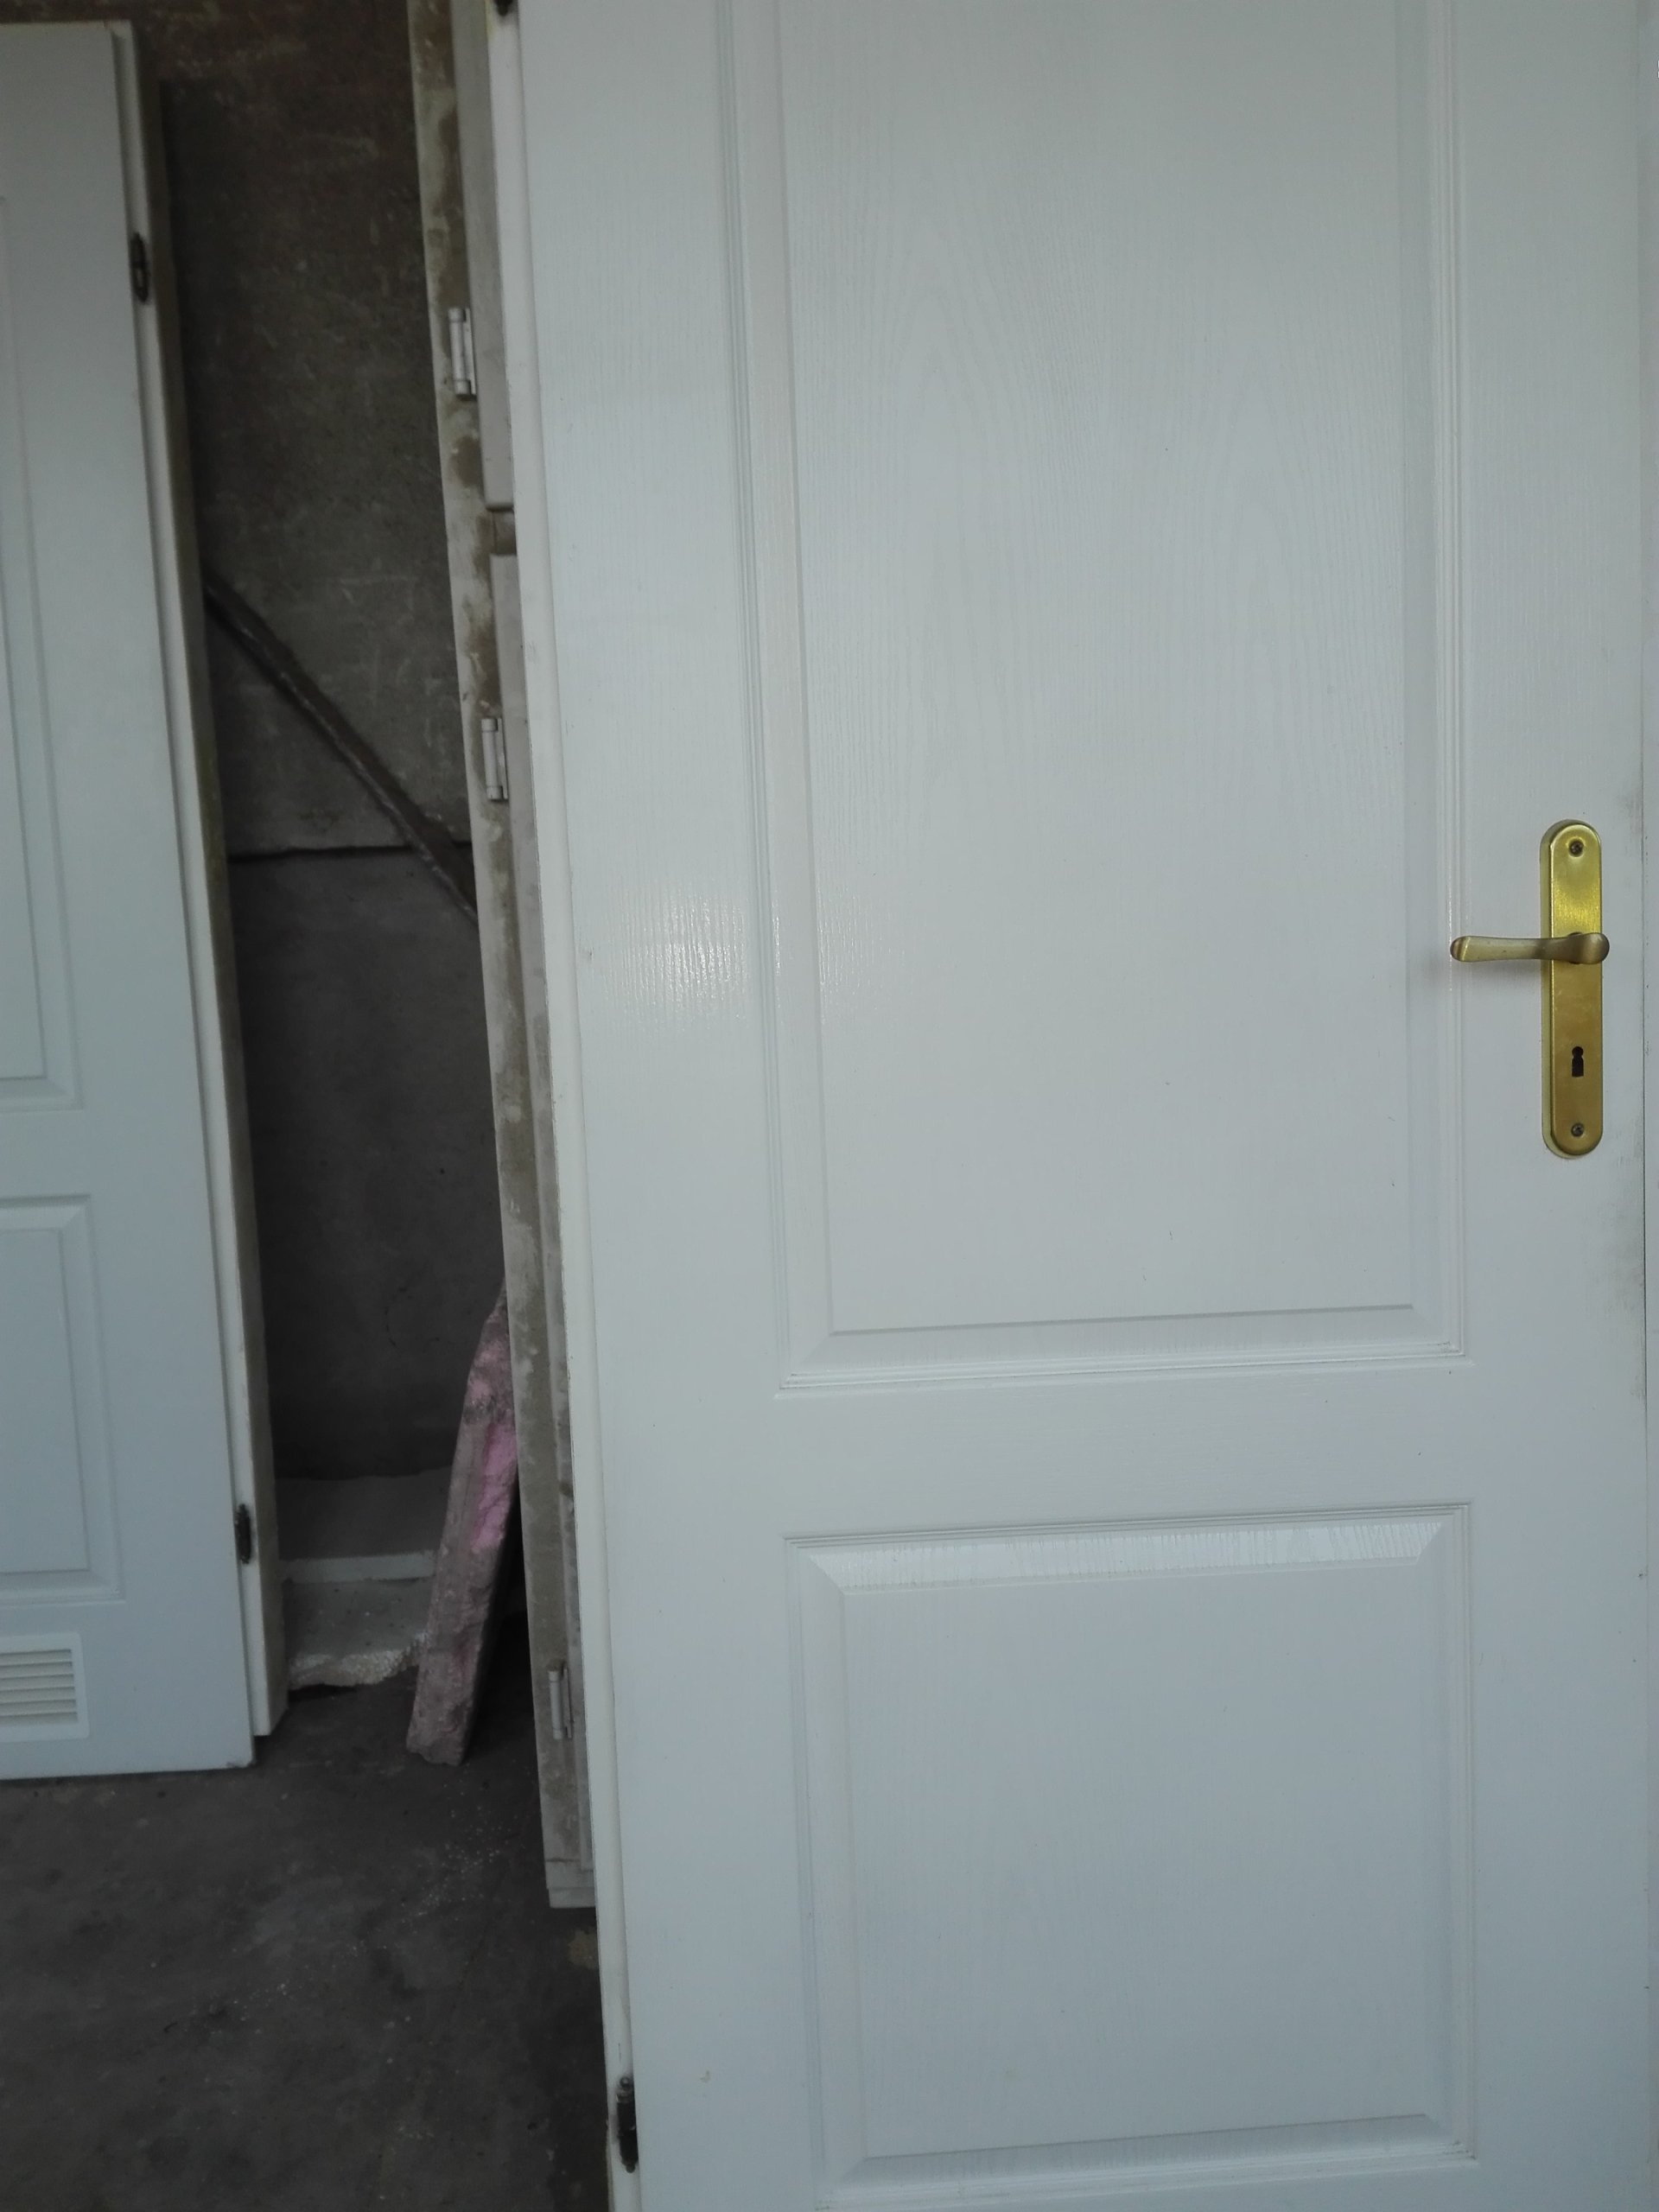 Drzwi Wewnetrzne L Biale Szer 70cm Oscieznica 8 7175673639